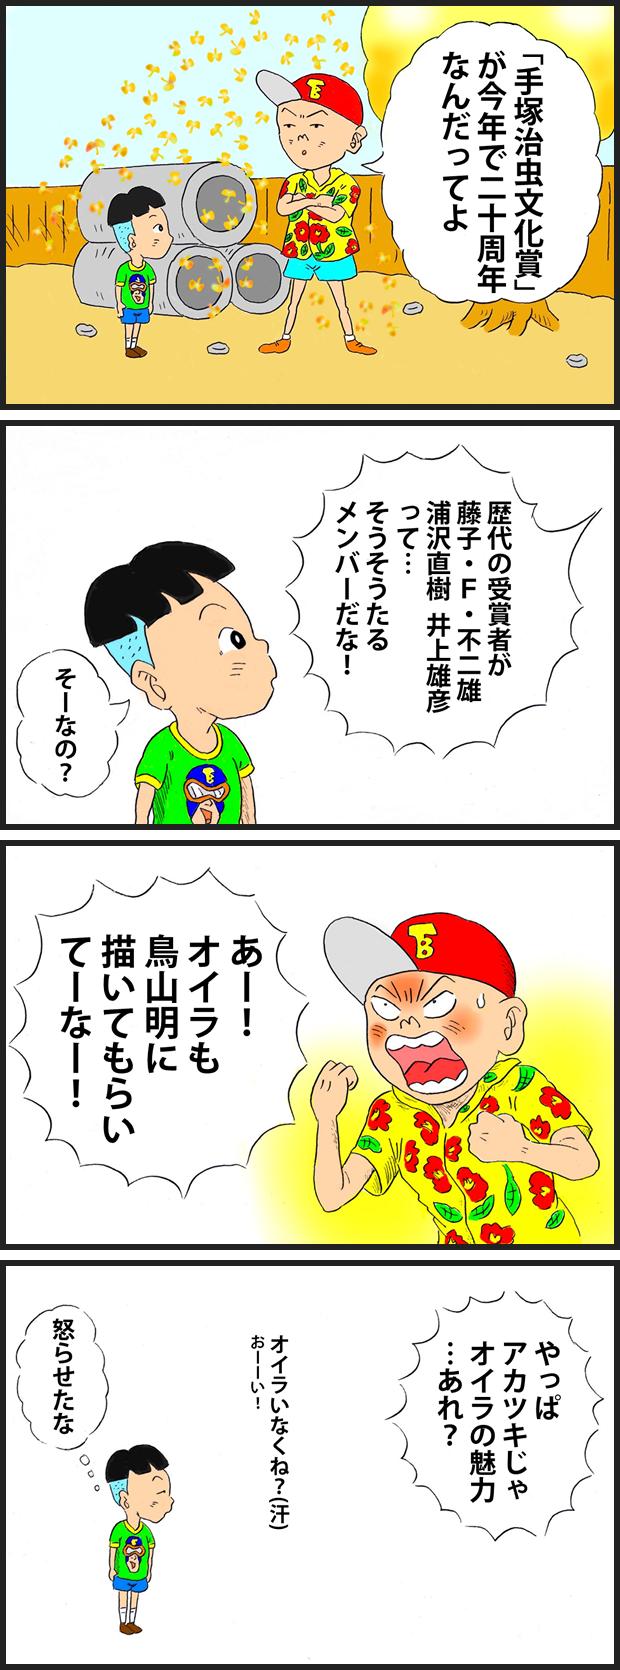 237 手塚治虫文化賞